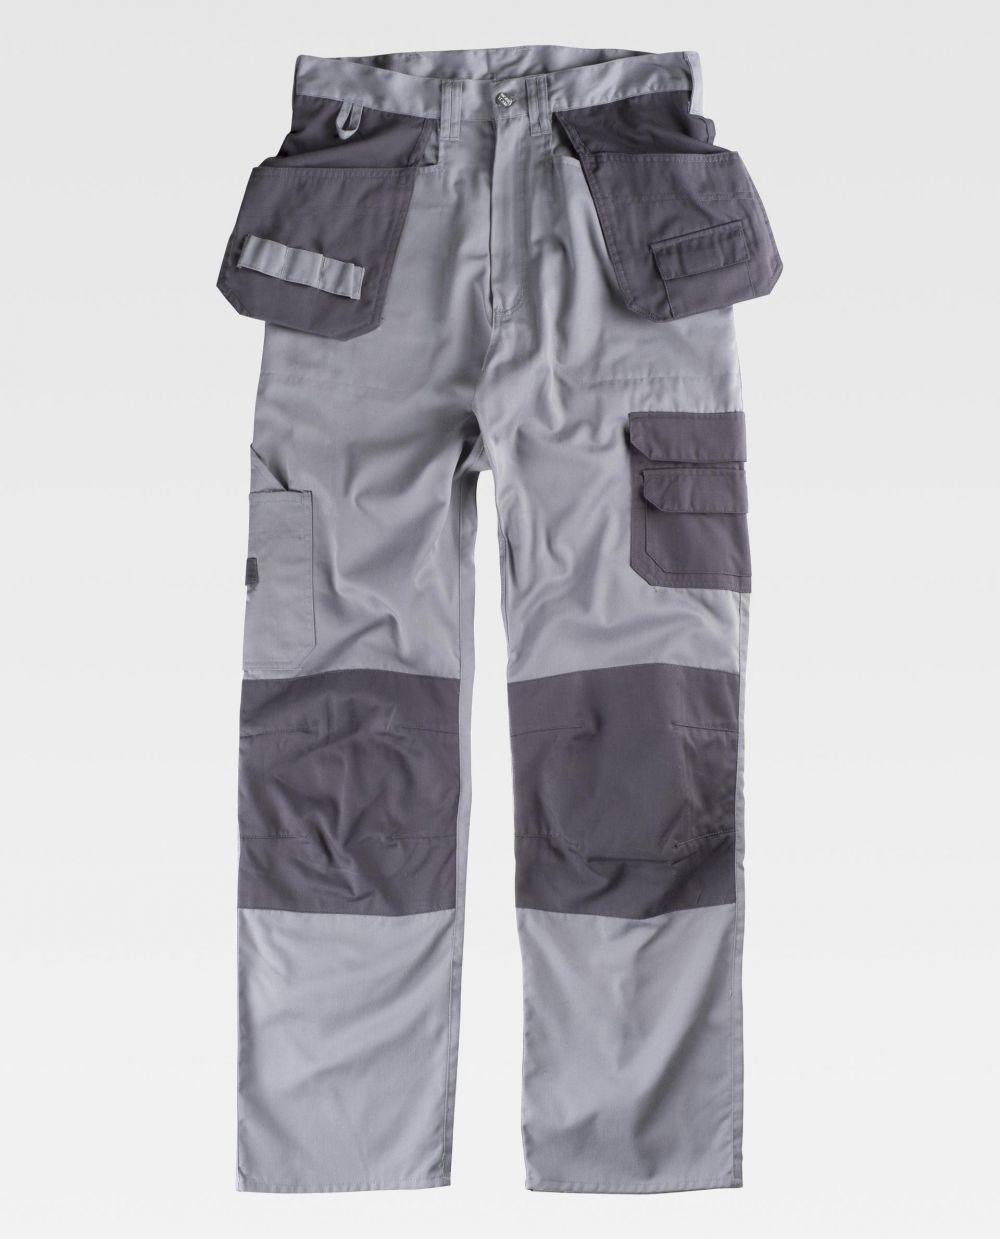 Pantalones de trabajo workteam b1419 de poliéster para personalizar vista 2